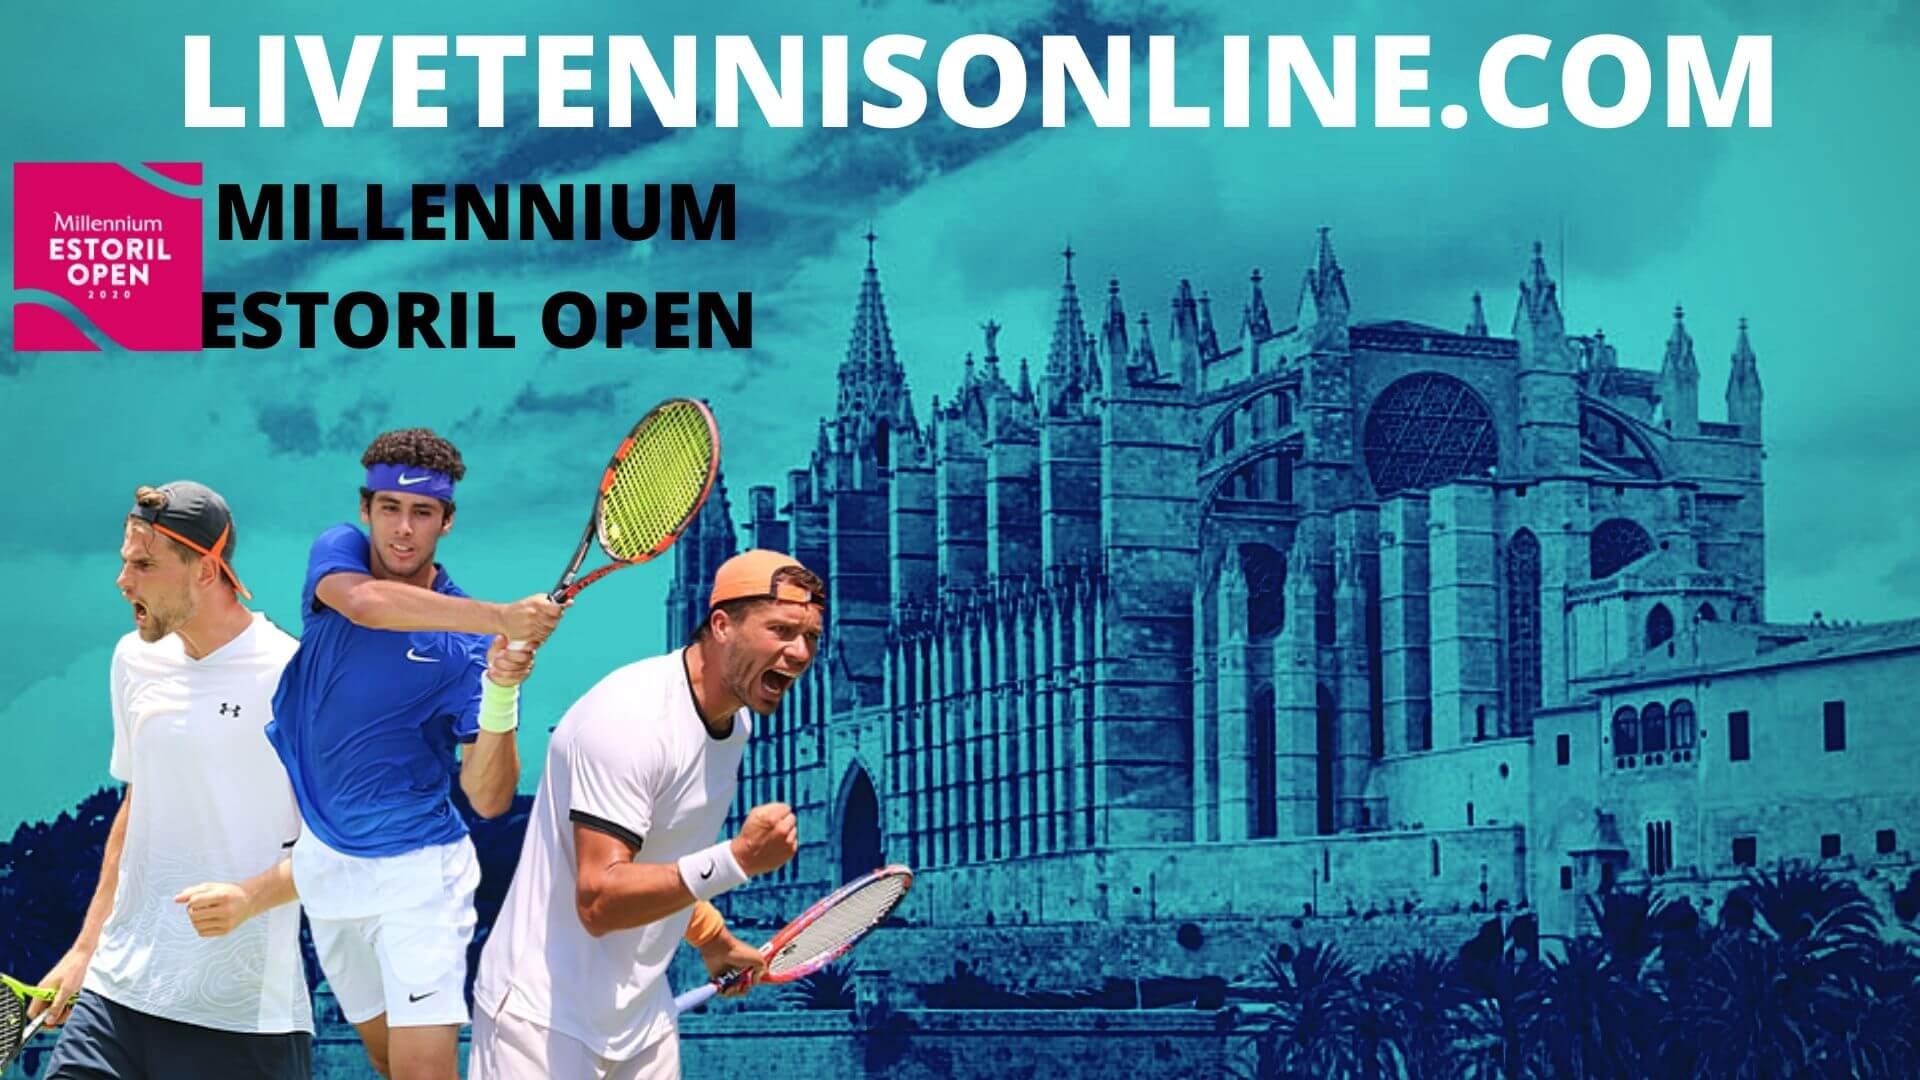 Millennium Estoril Open Live Stream 2020 | ATP Day 2